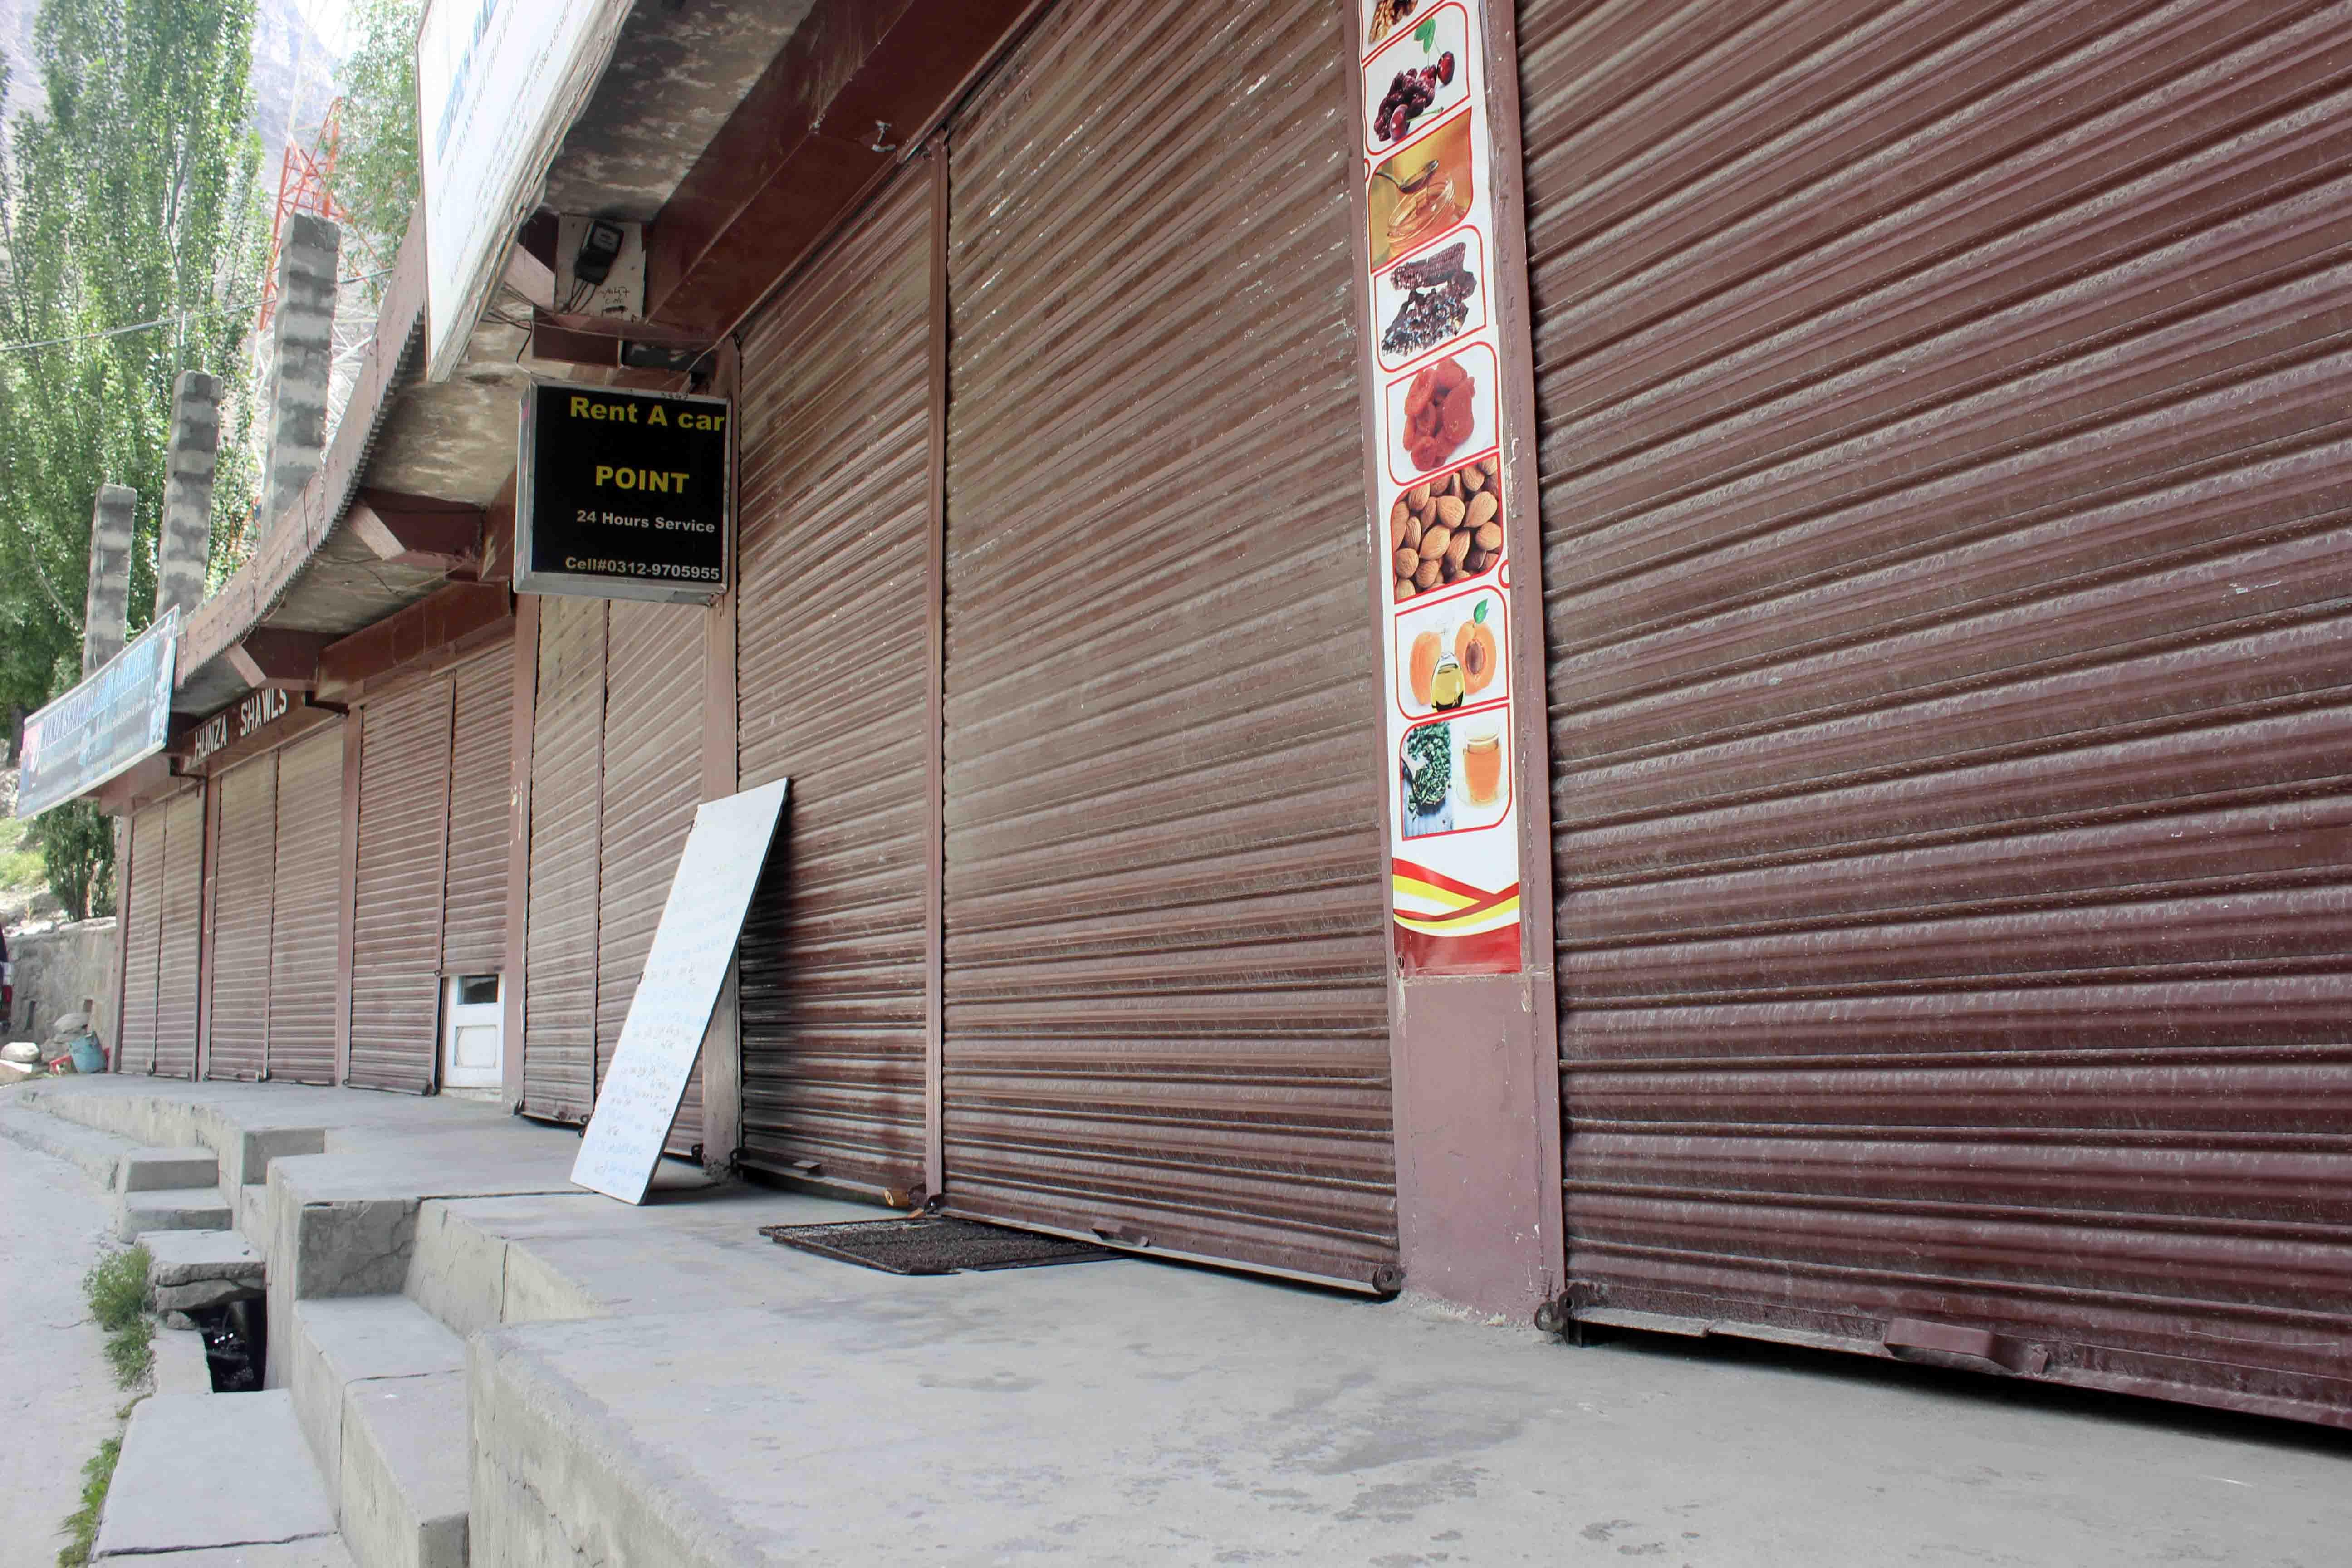 ہنزہ: کاروباری تنظمیوں کے اپیل پر ہنزہ میں کامیاب پہیہ جام اور شٹر ڈاون ہڑتال